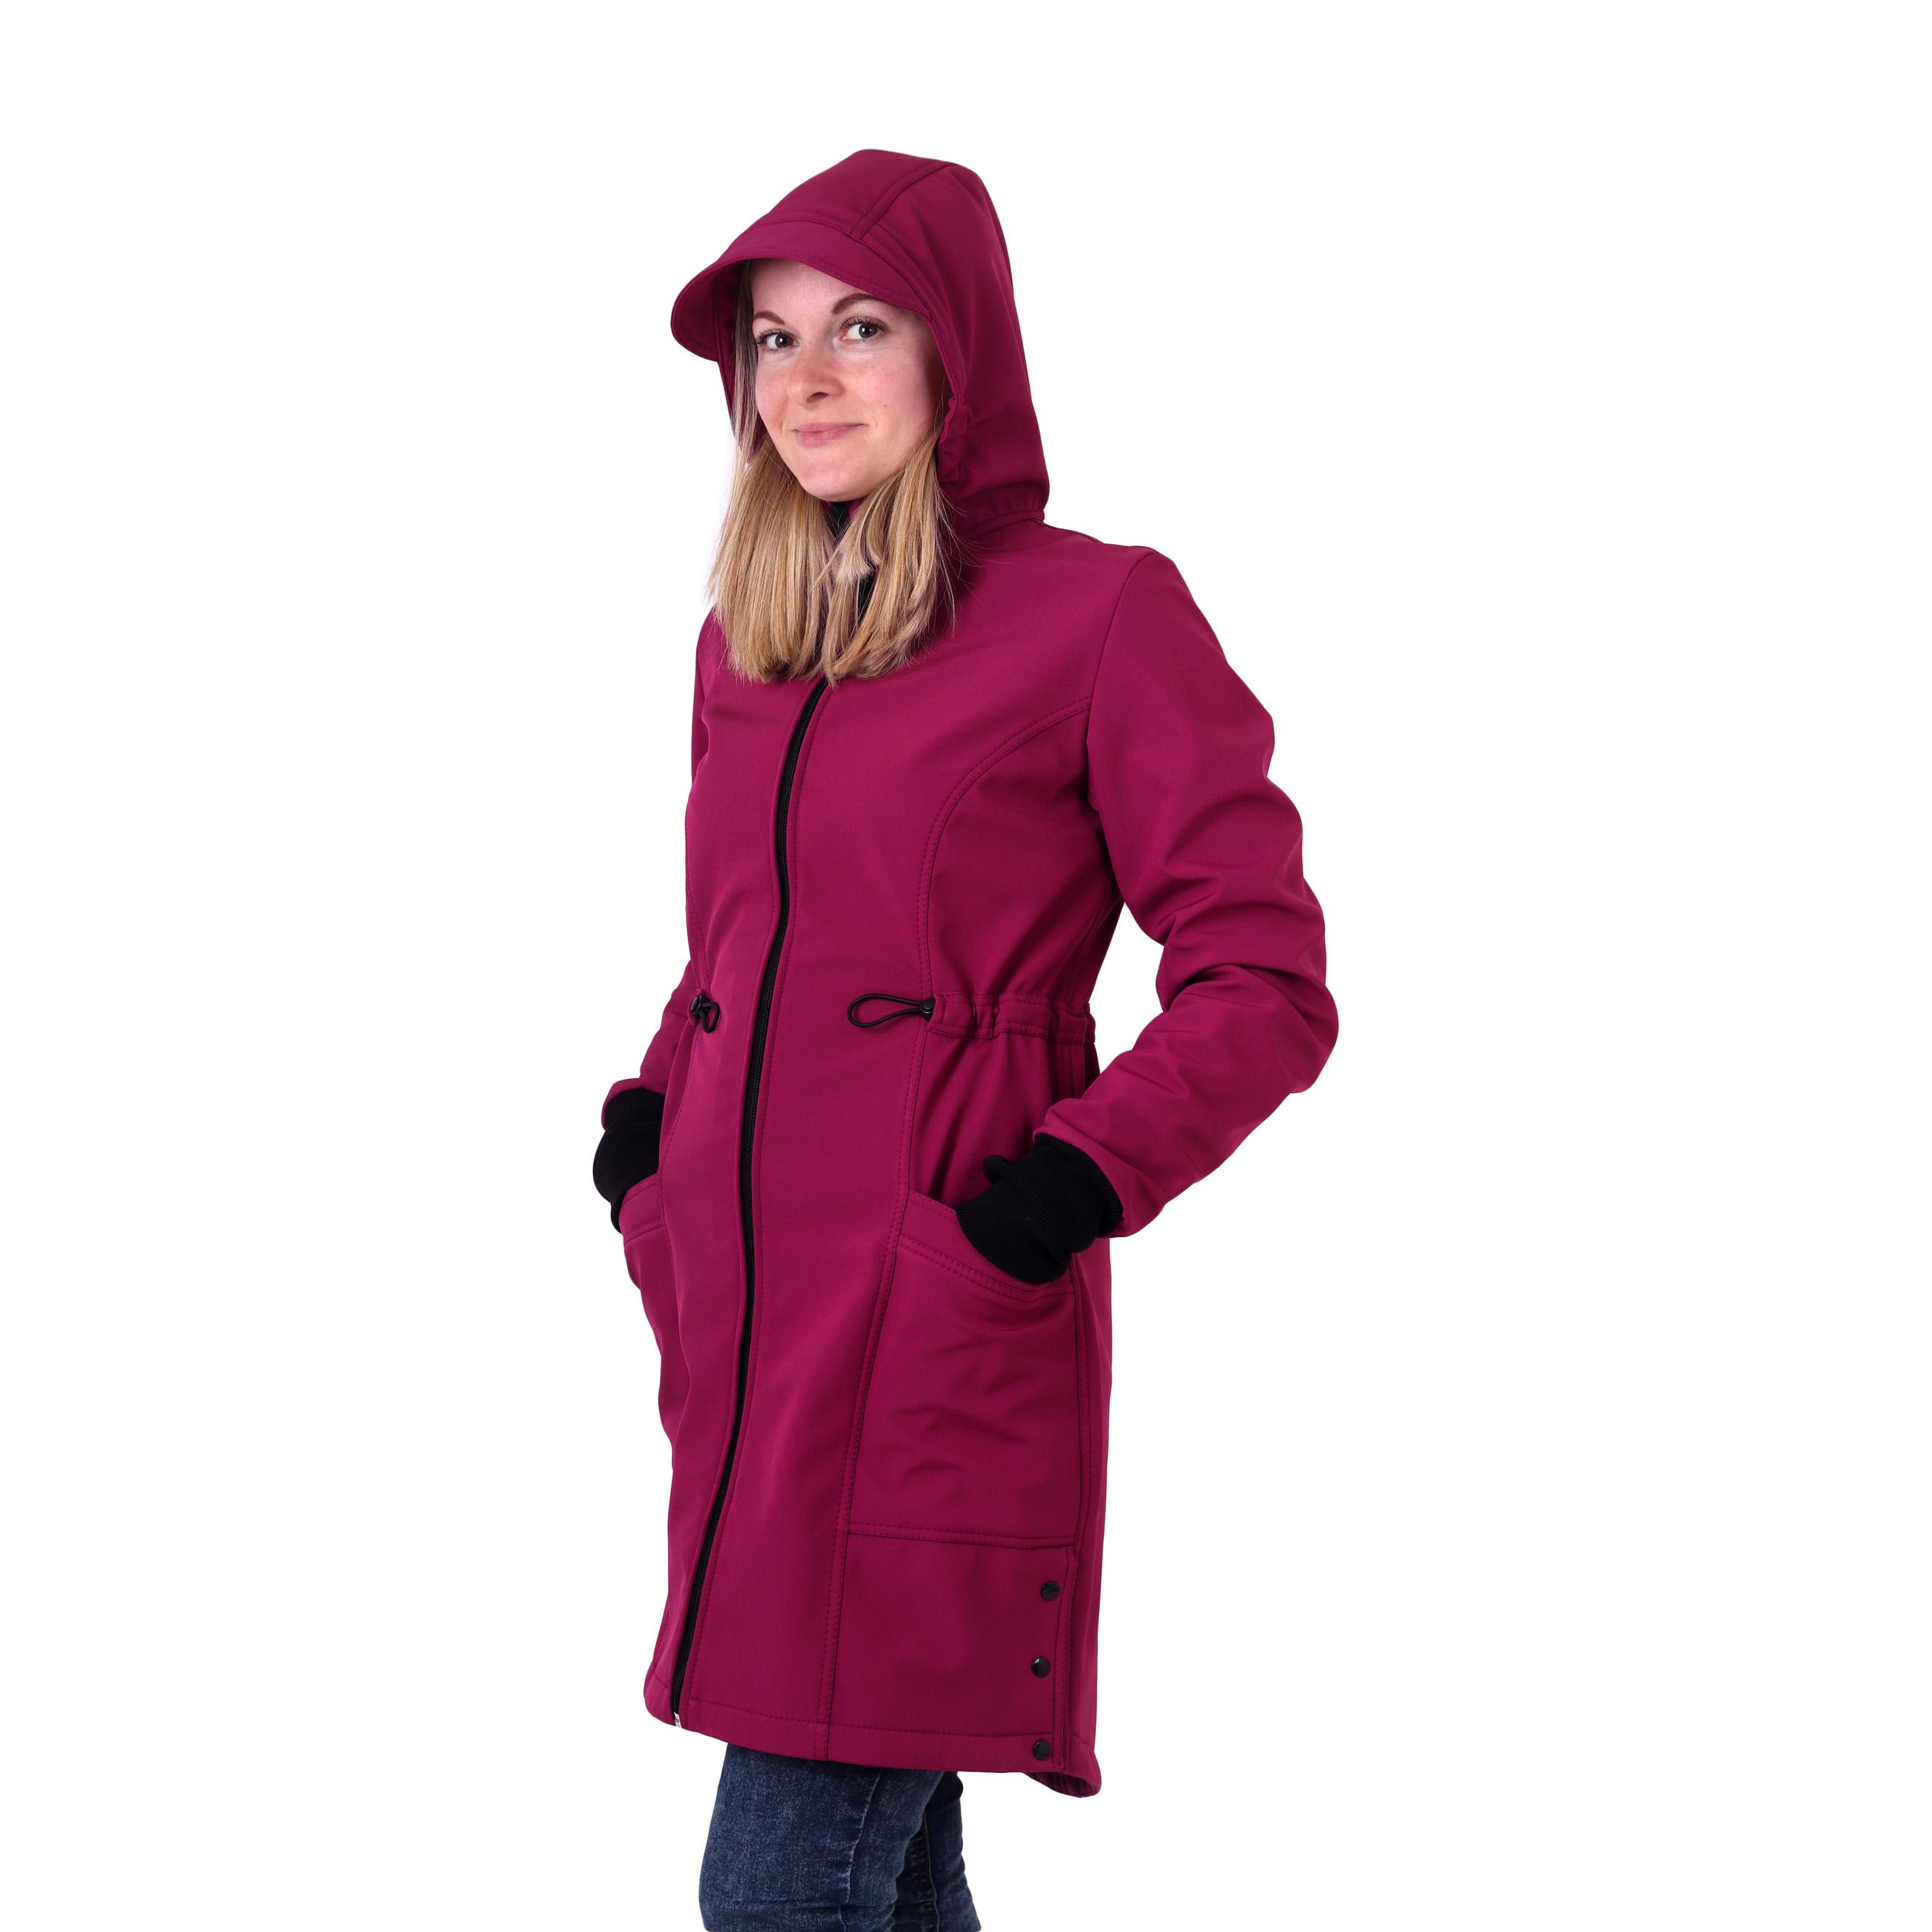 Dámský softshellový kabát hana, fuchsiový, l